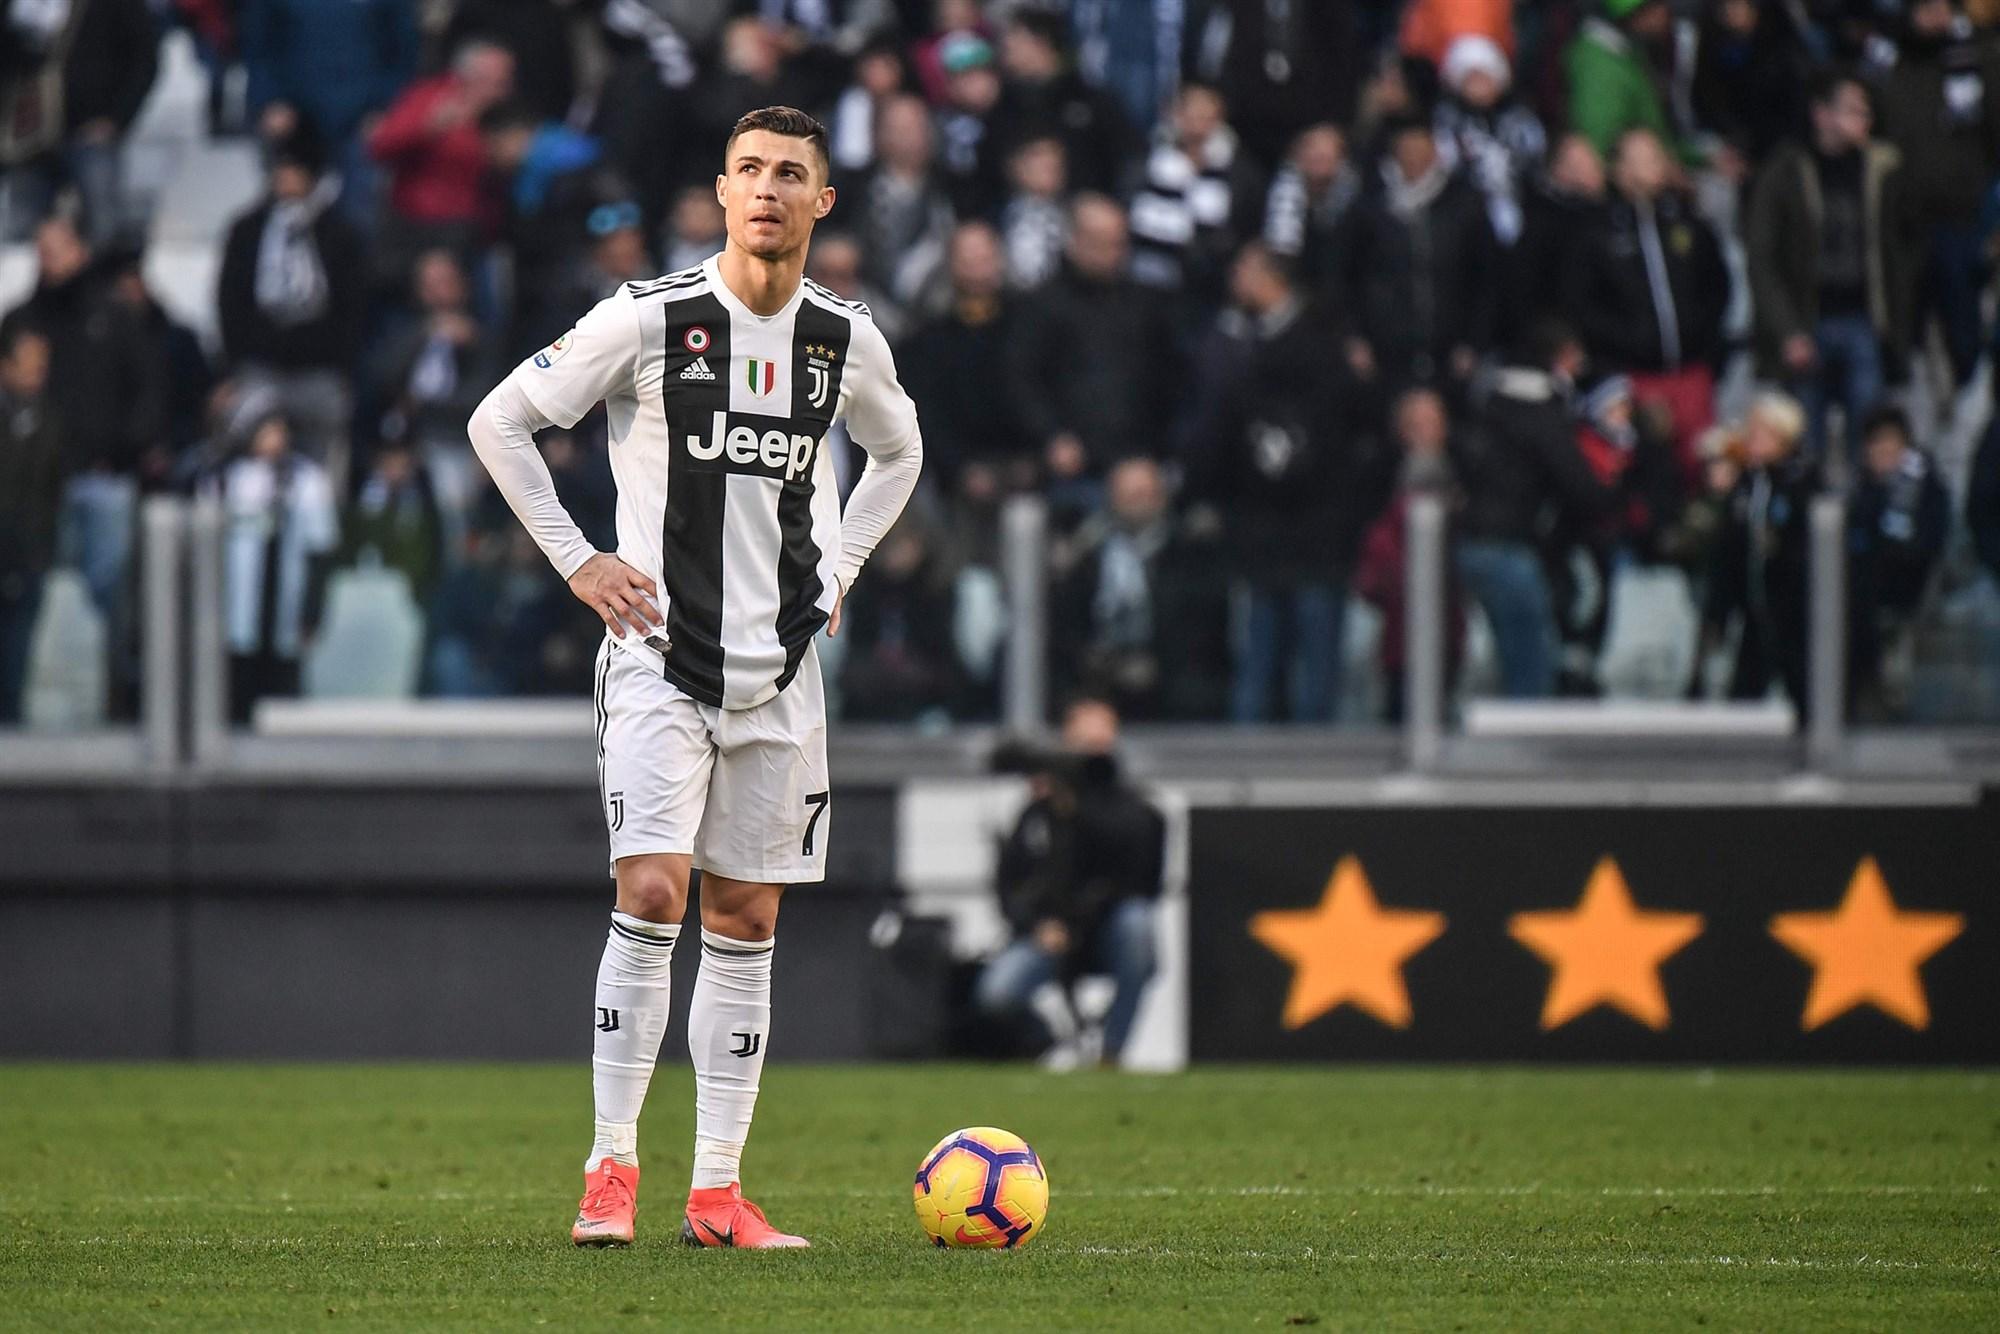 کریستیانو رونالدو ؛ فوتبالسیتی با حسرتهای ساده فراوان که تنها به ۴ نفر در جهان اعتماد دارد